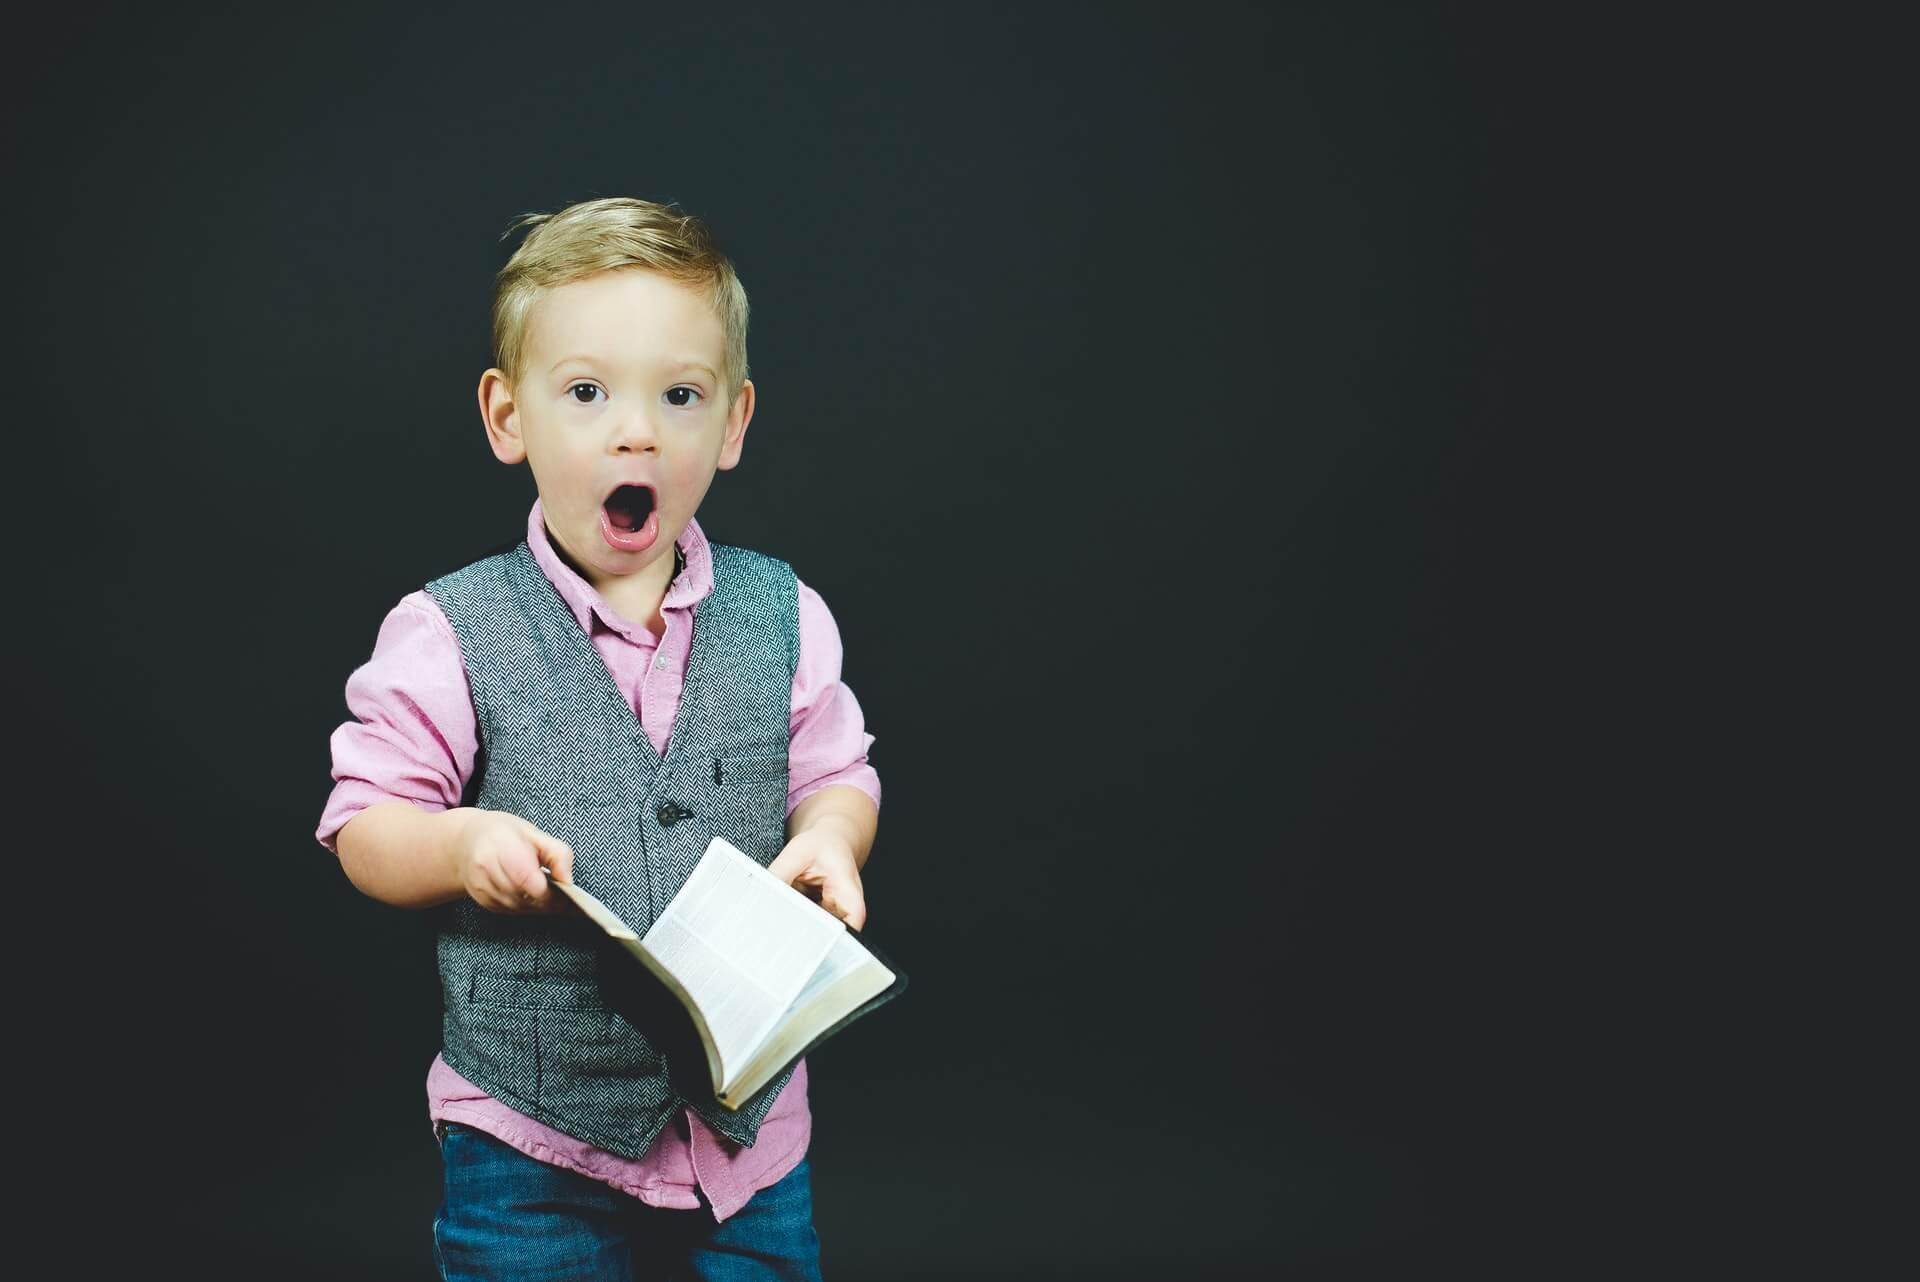 Zdziwiony chłopiec z książką w ręku.